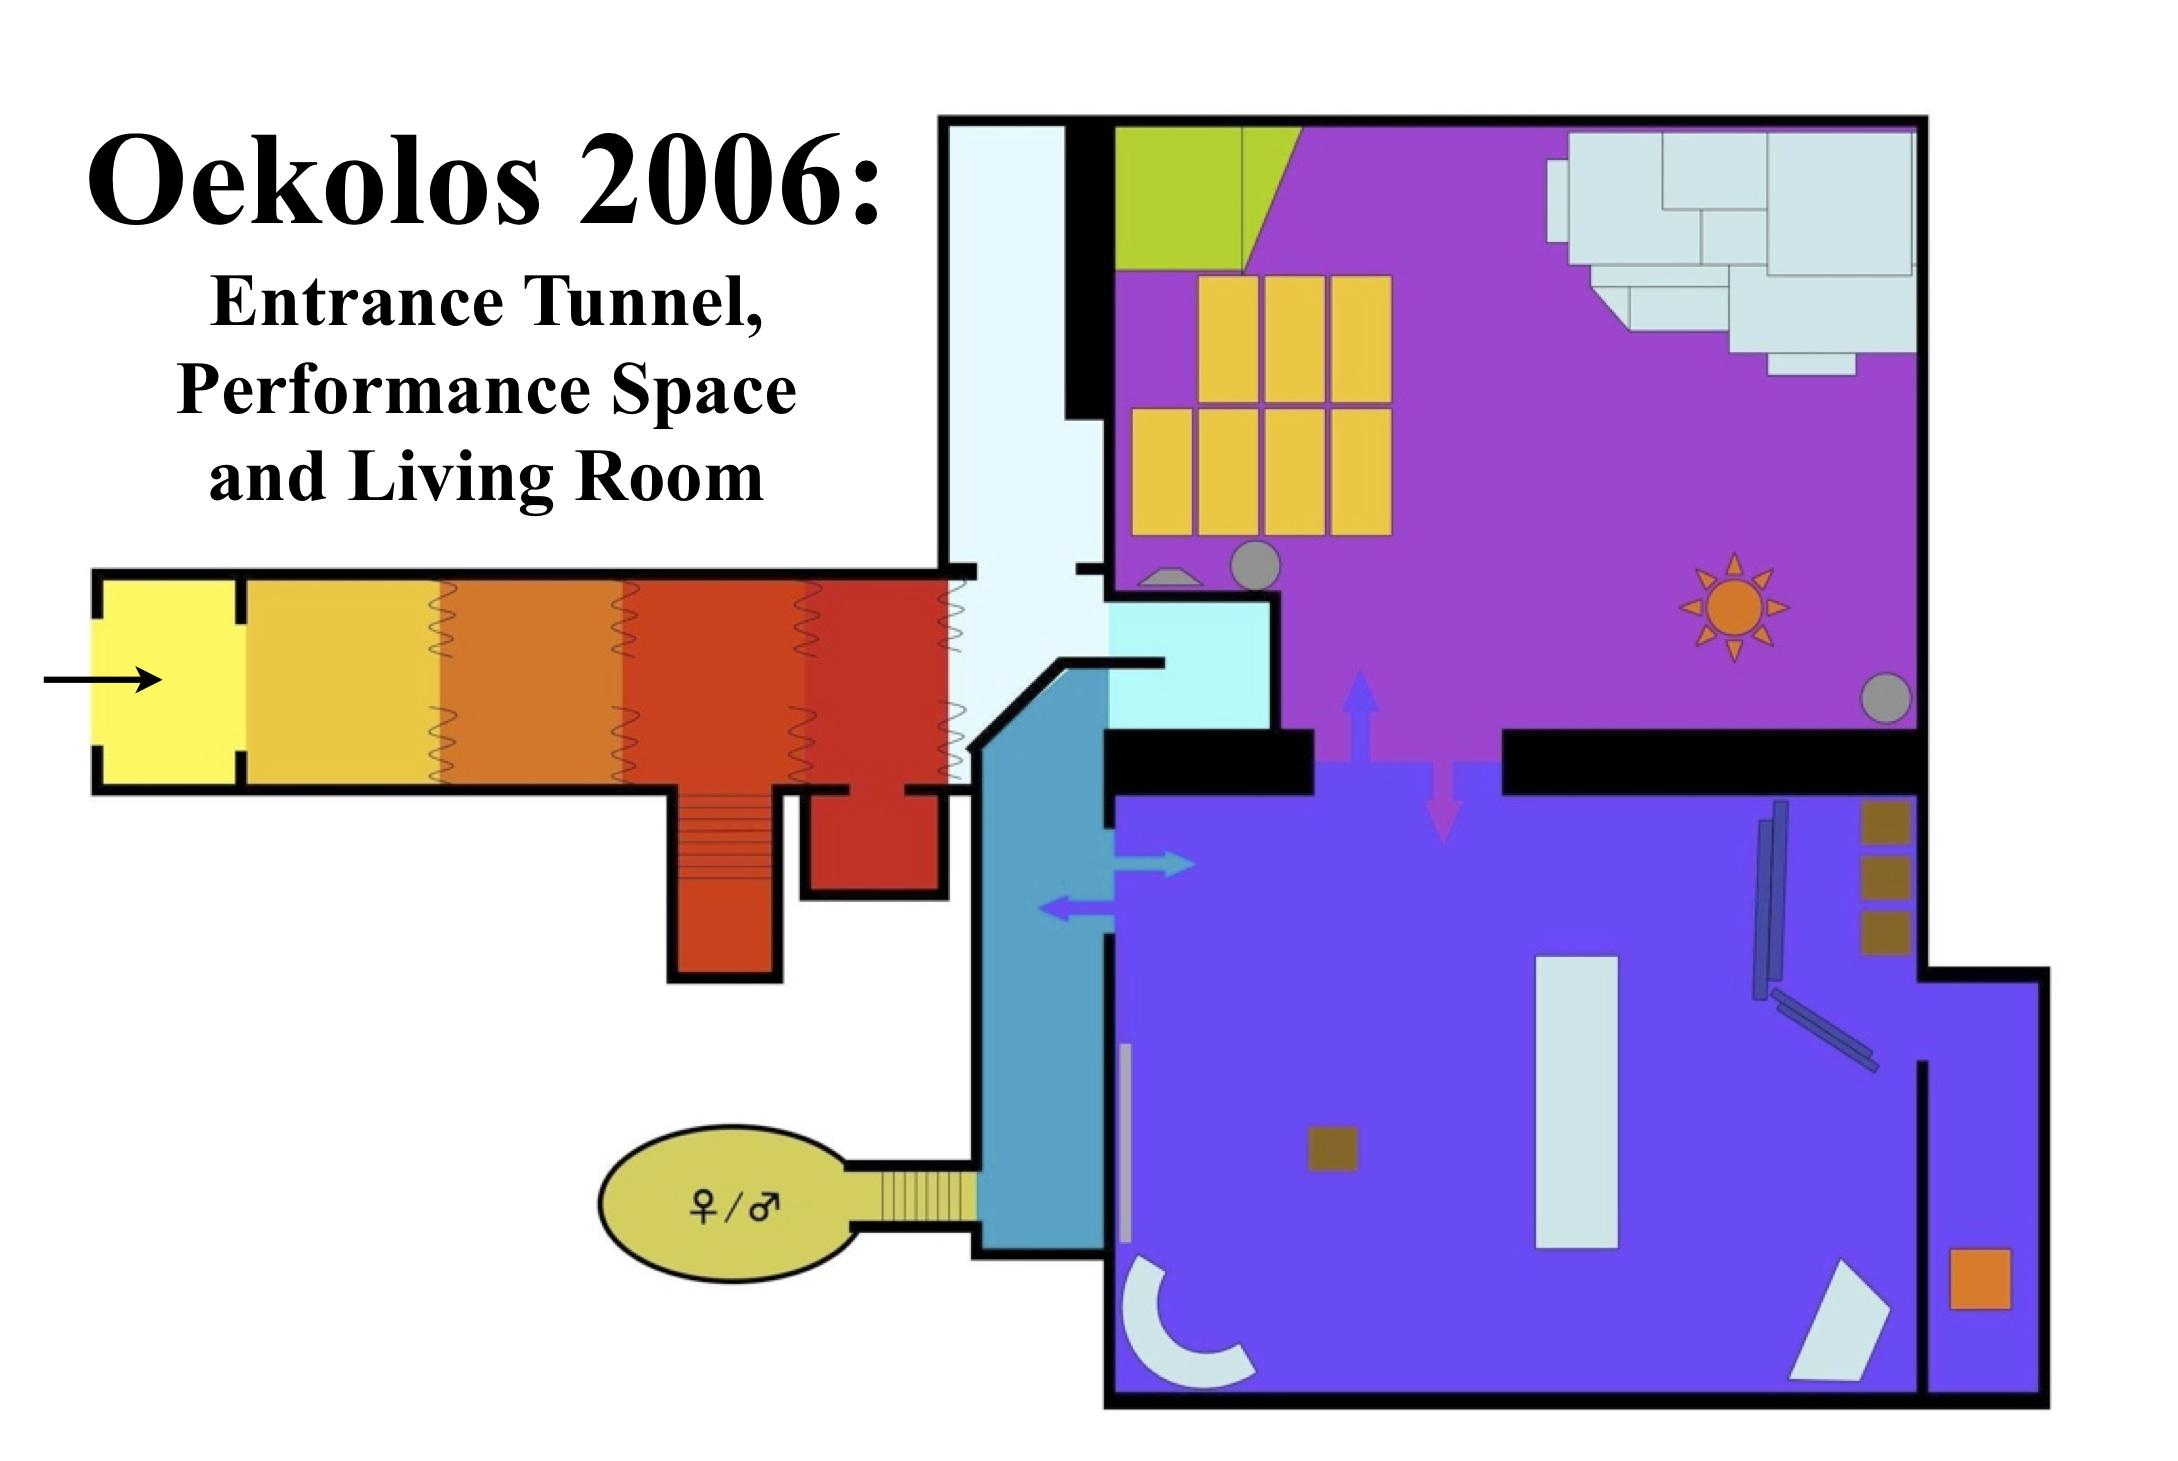 Oekolos2006